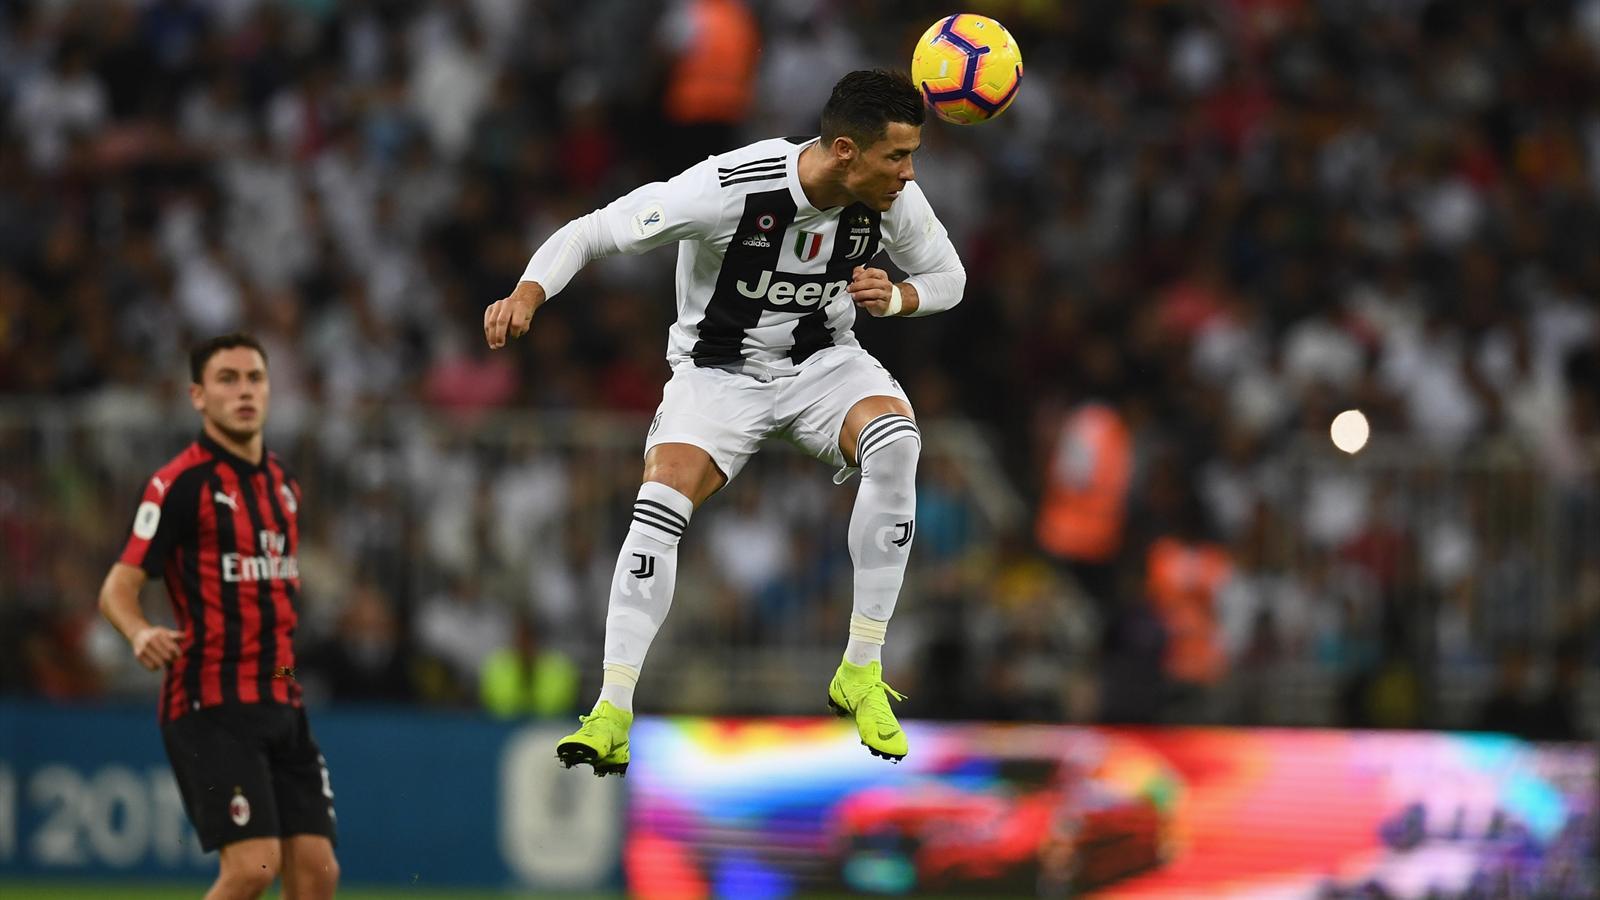 Juventus-Milan, la Supercoppa italiana in Diretta tv e Live-Streaming - Supercoppa 2018-2019 ...